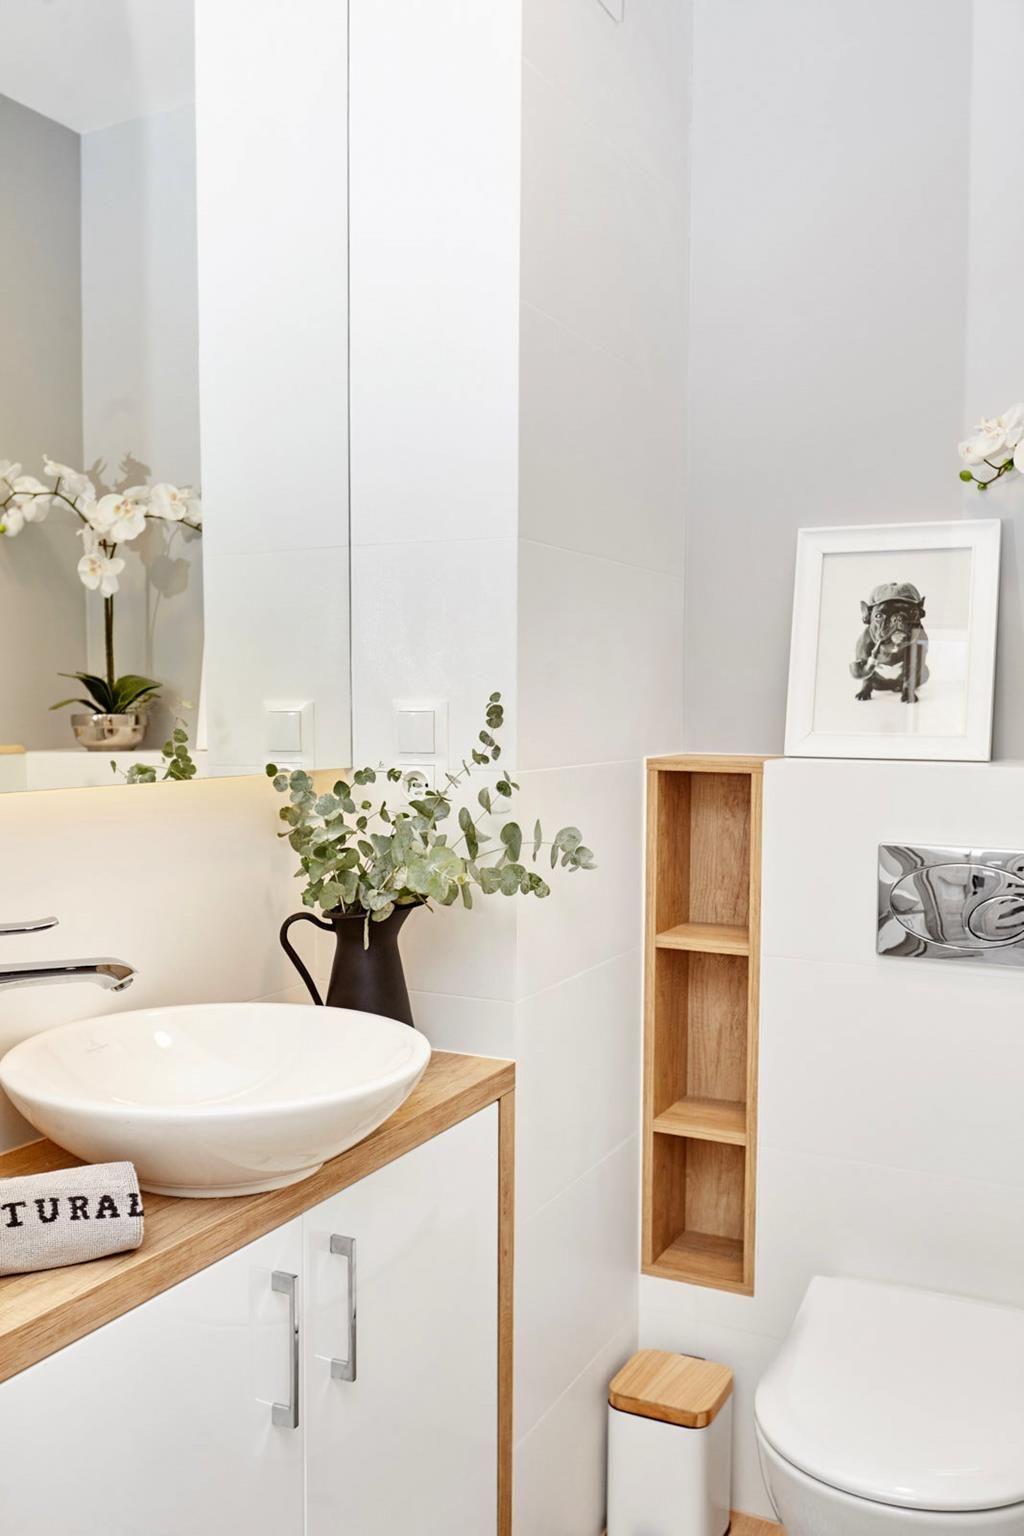 Metamorfoza Mieszkania W Bloku Z Wielkiej Płyty Bathroom